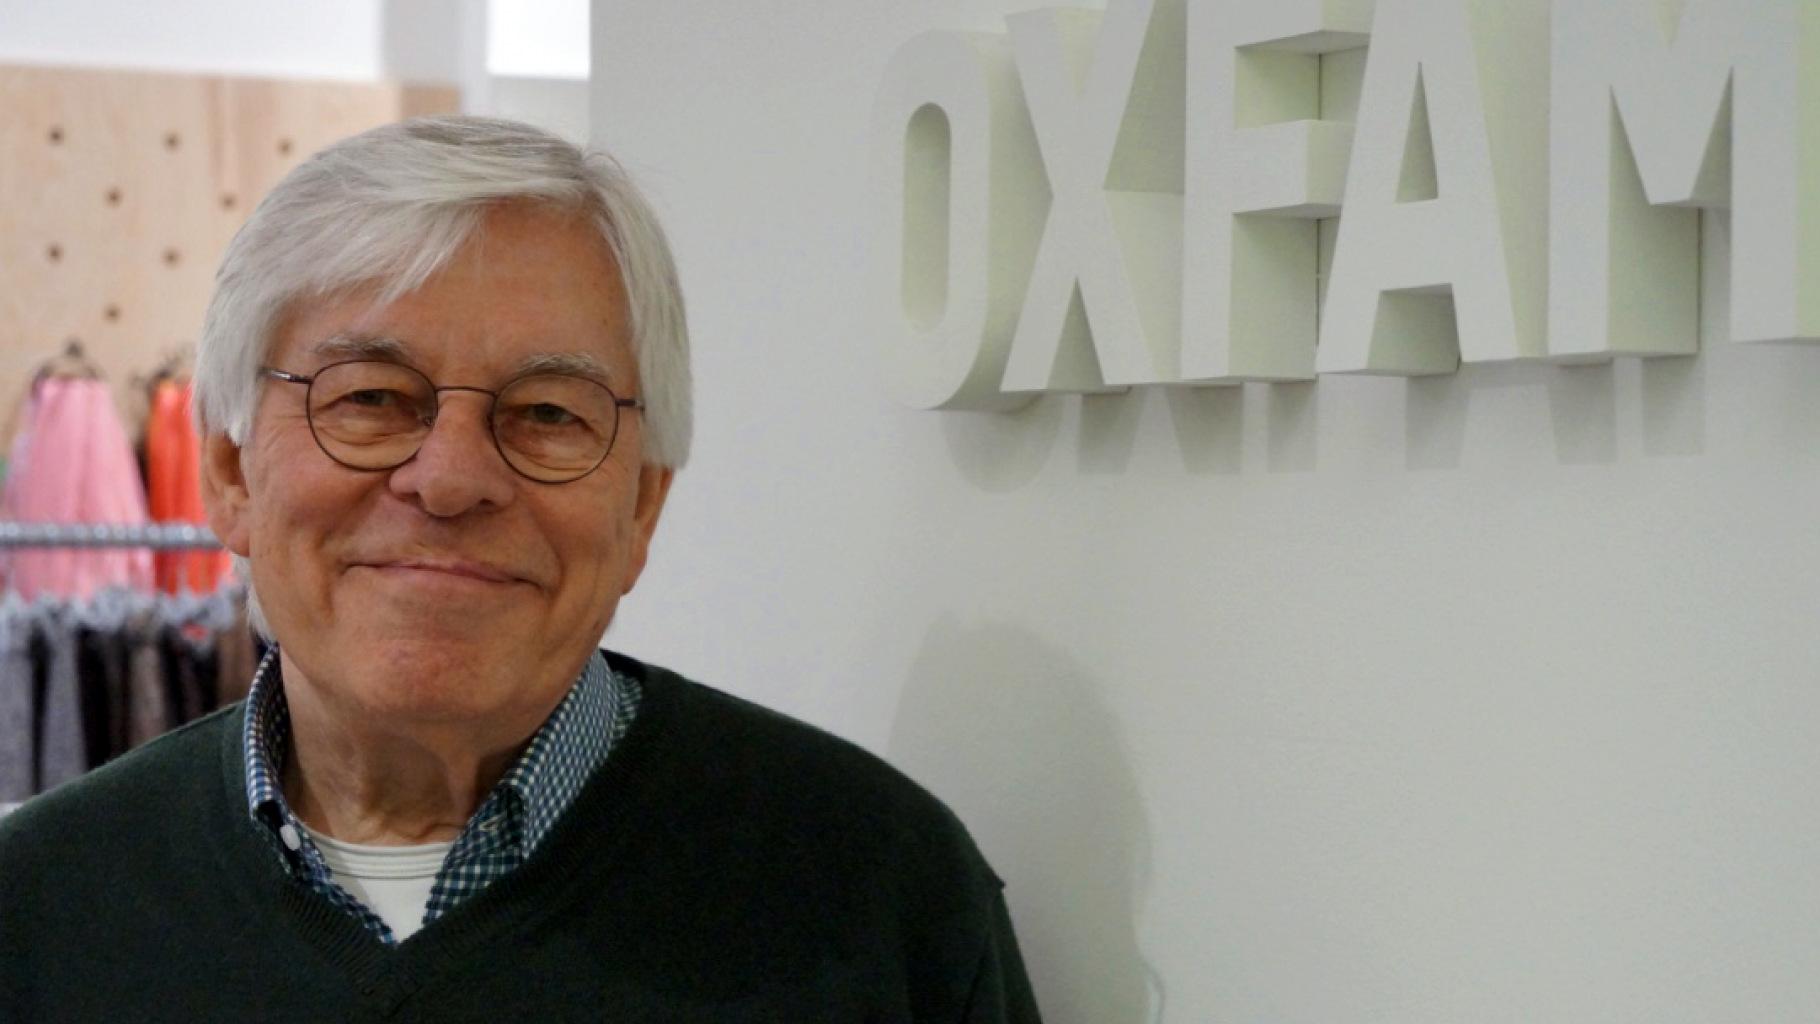 der Ehrenamtliche Christoph Höpfner aus dem Oxfam MOVE Berlin